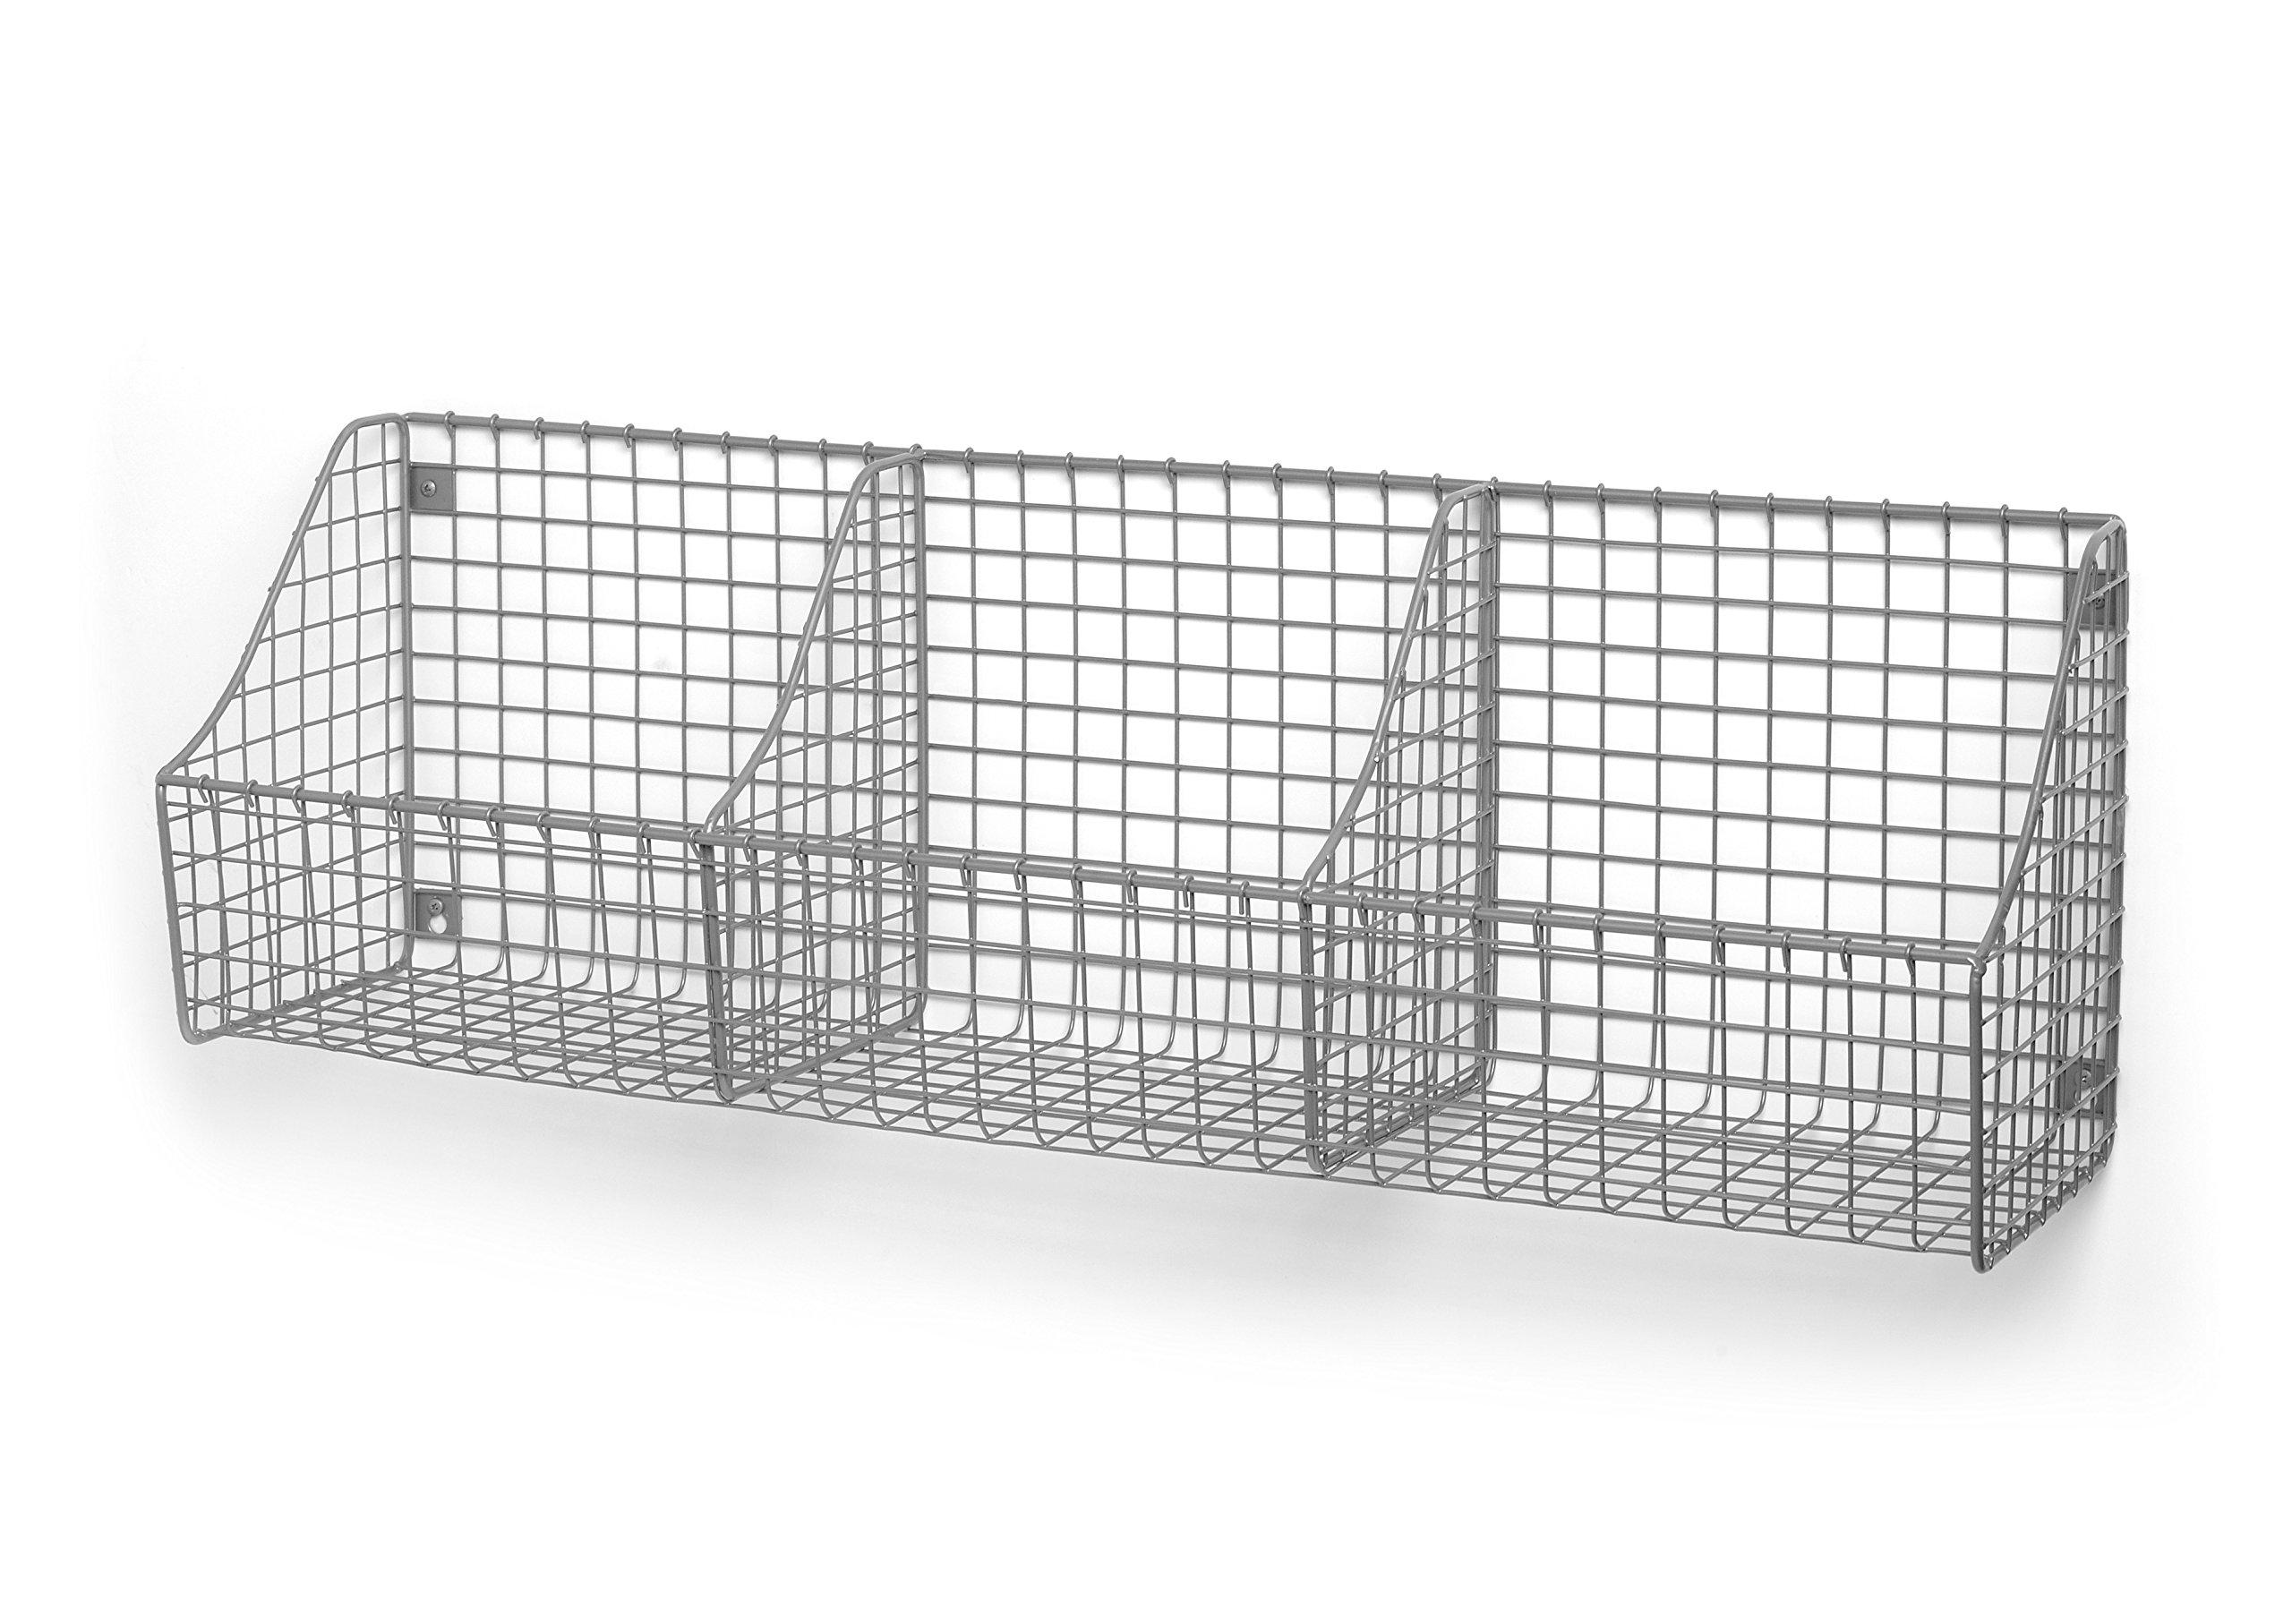 wall storage baskets. Black Bedroom Furniture Sets. Home Design Ideas